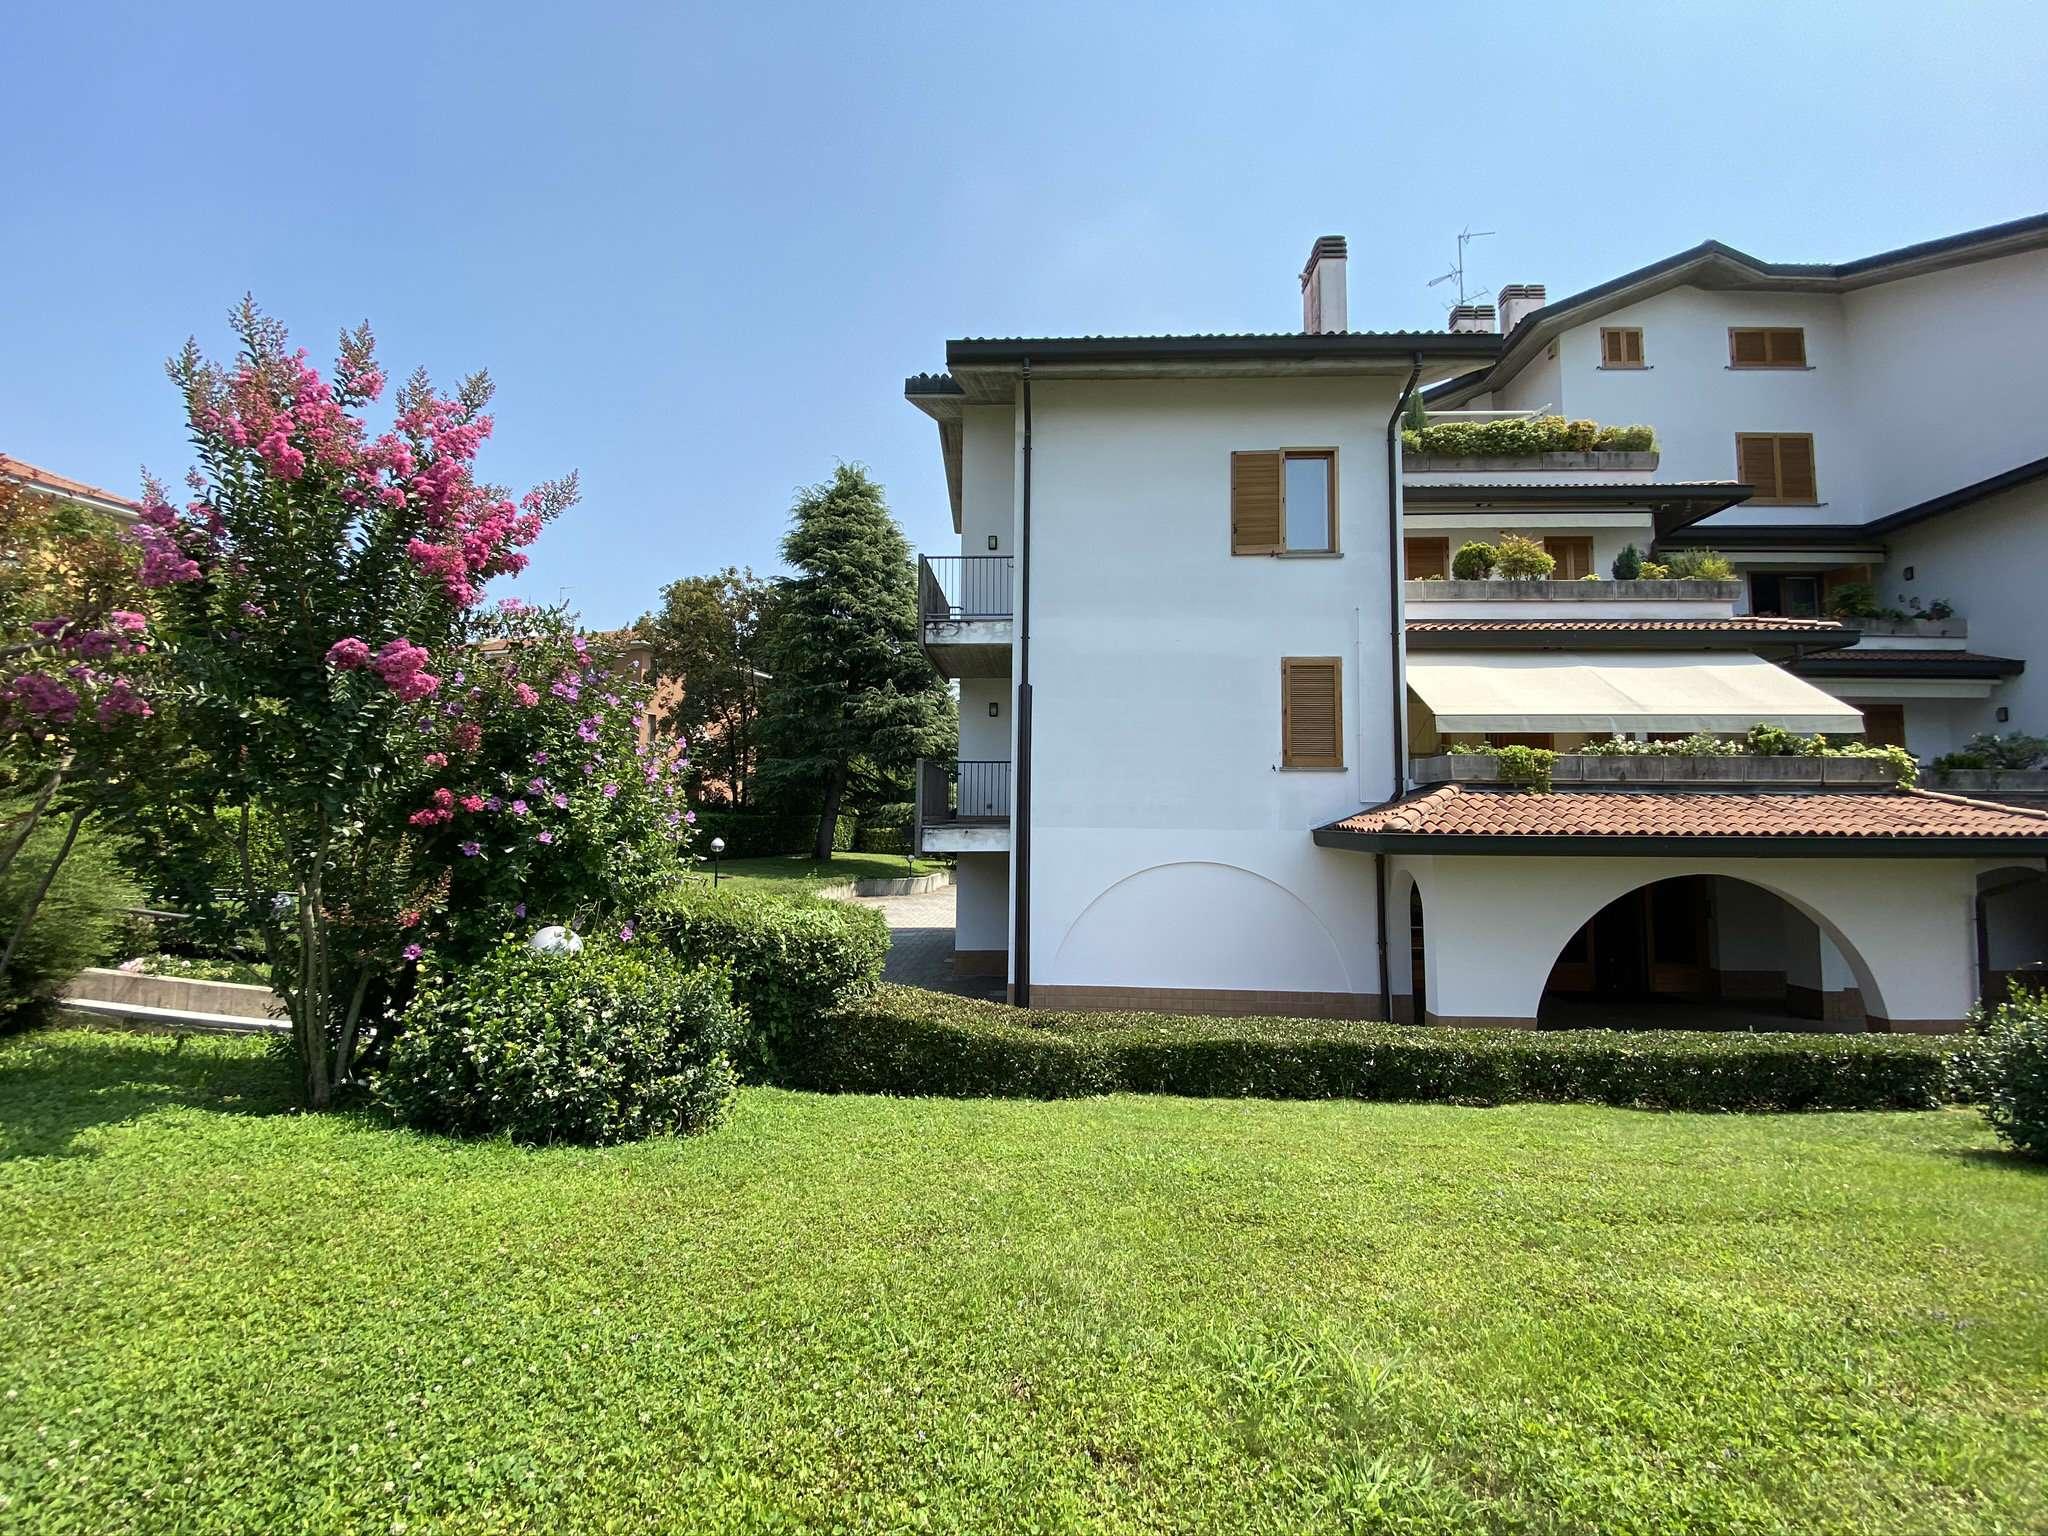 Appartamento in vendita a Vimercate, 3 locali, prezzo € 295.000   CambioCasa.it